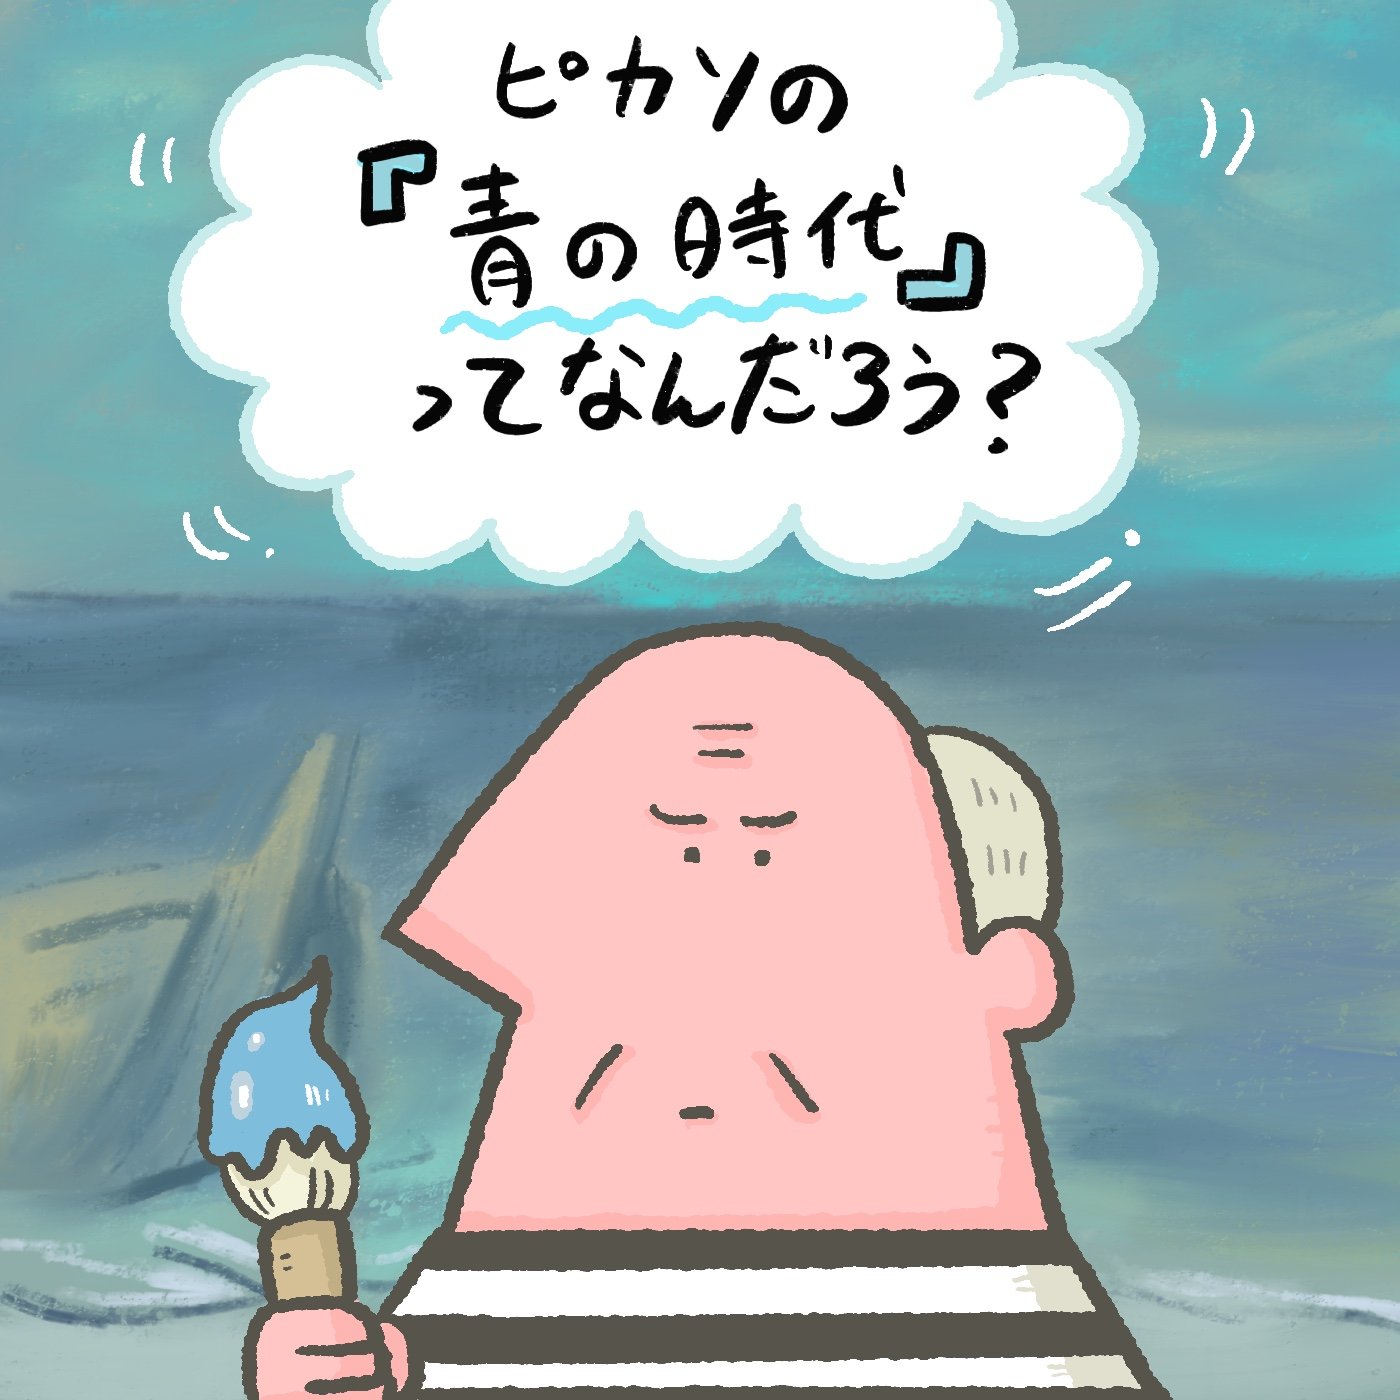 OBIKAKE ナニソレ 藤野遼太 ピカソ